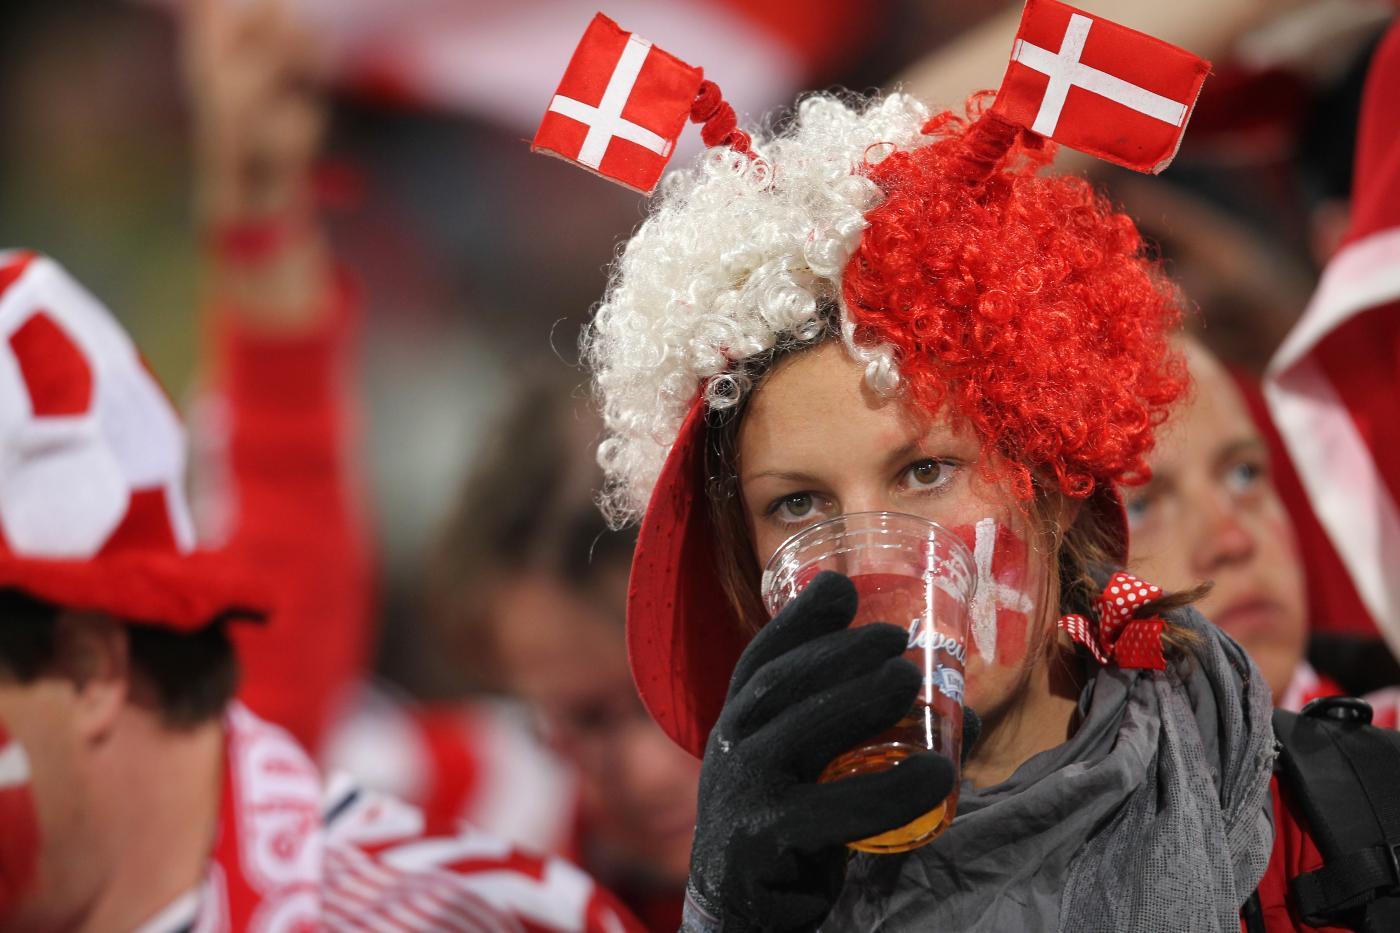 Danimarca 1st Division: i pronostici delle due partite in programma